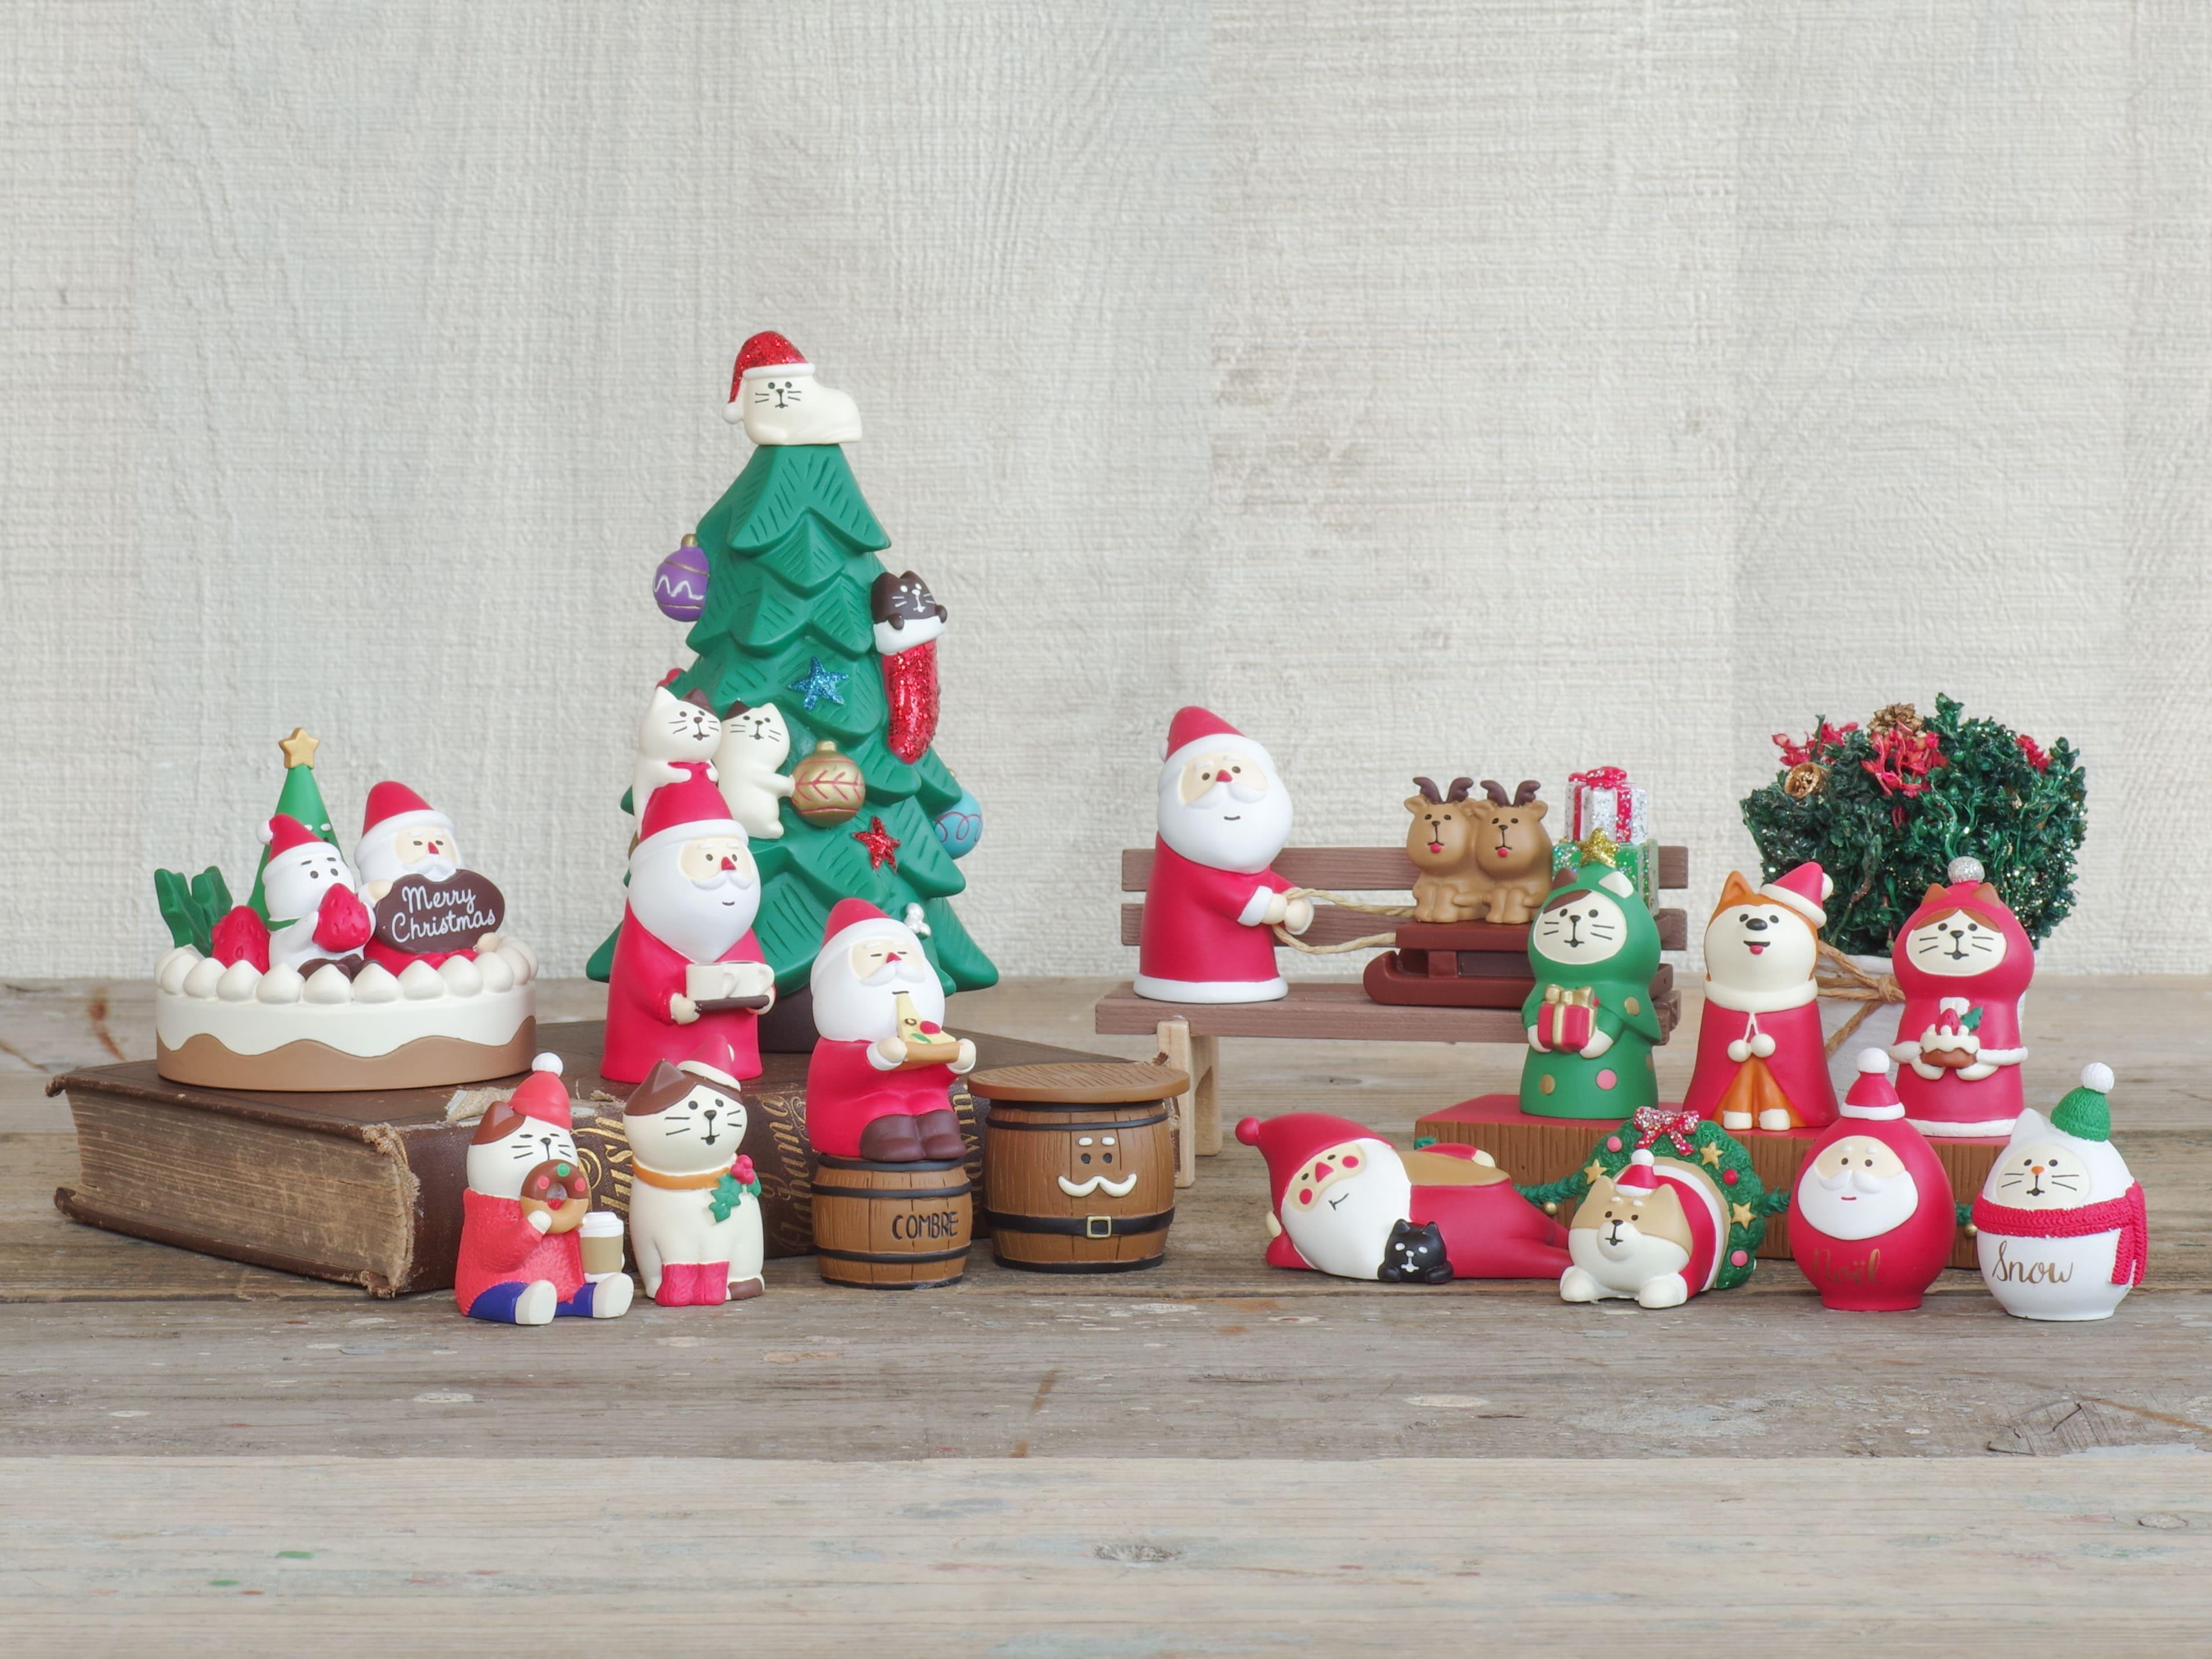 コンコンブル クリスマスマスコット1